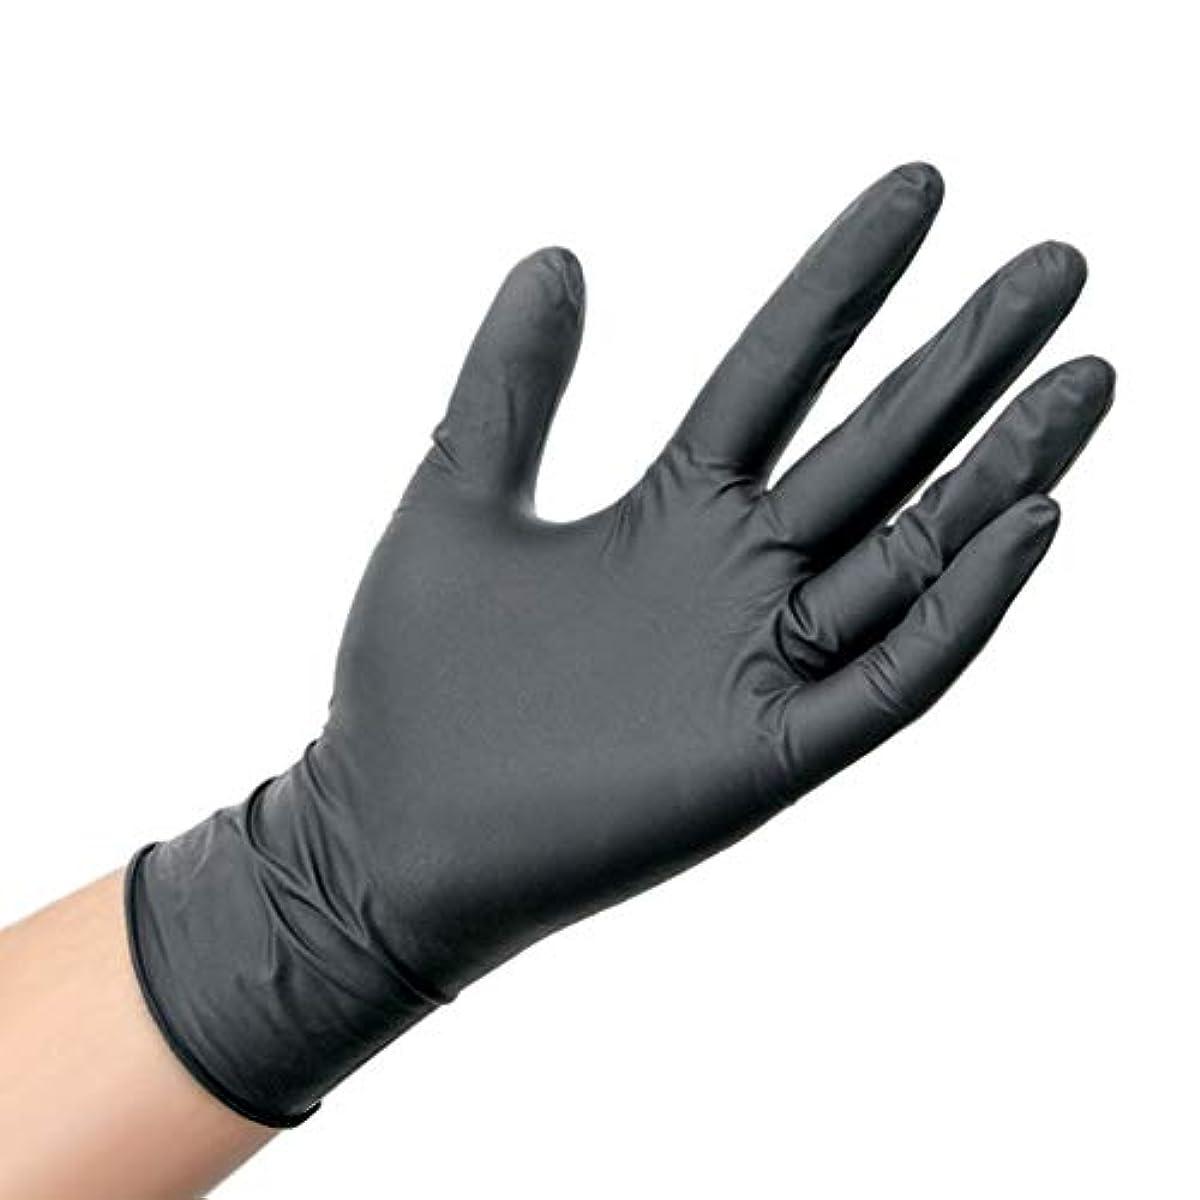 幸運備品スプーン肥厚した抗酸とアルカリの帯電防止保護手袋使い捨て工業用ニトリルゴム手袋 YANW (色 : ブラック, サイズ さいず : M m)